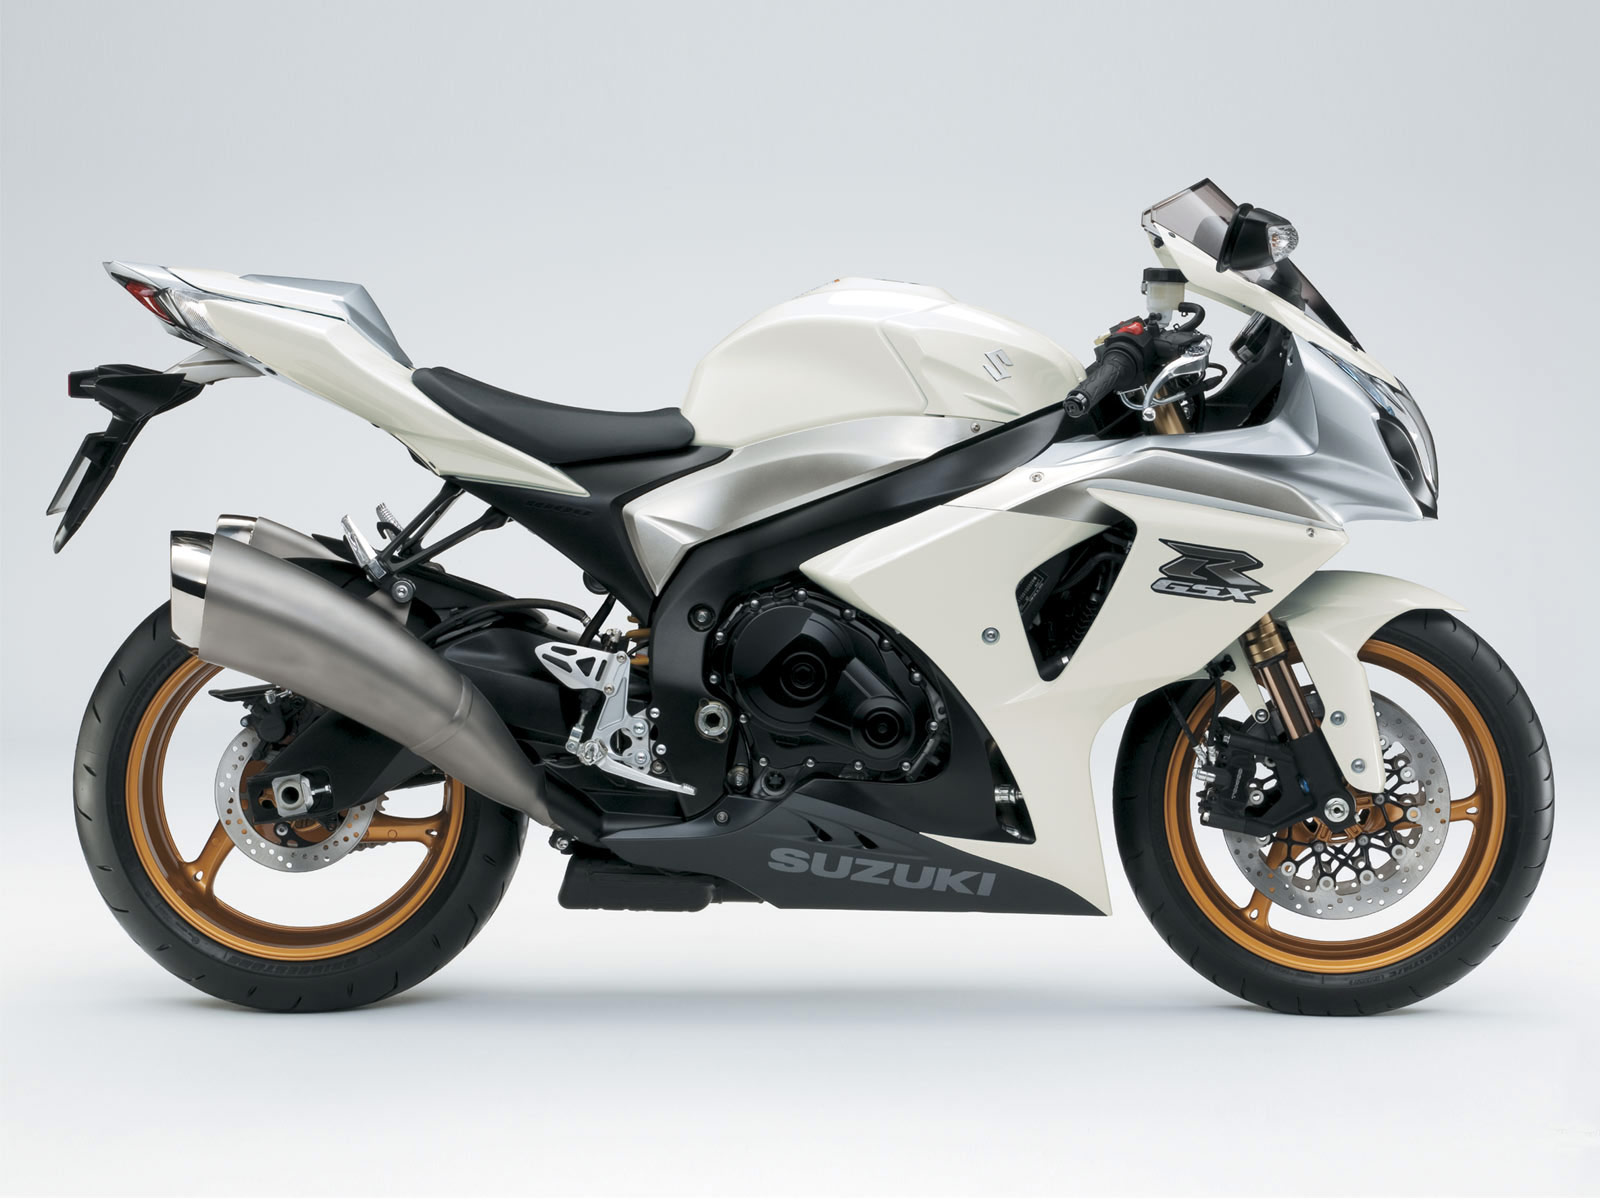 http://1.bp.blogspot.com/-mUw9gD7dUGA/TpzqbG20LUI/AAAAAAAACbM/oU3yPZUq_Lc/s1600/2009_suzuki_GSX-R1000_motorcycle-desktop-wallpaper_11.jpg